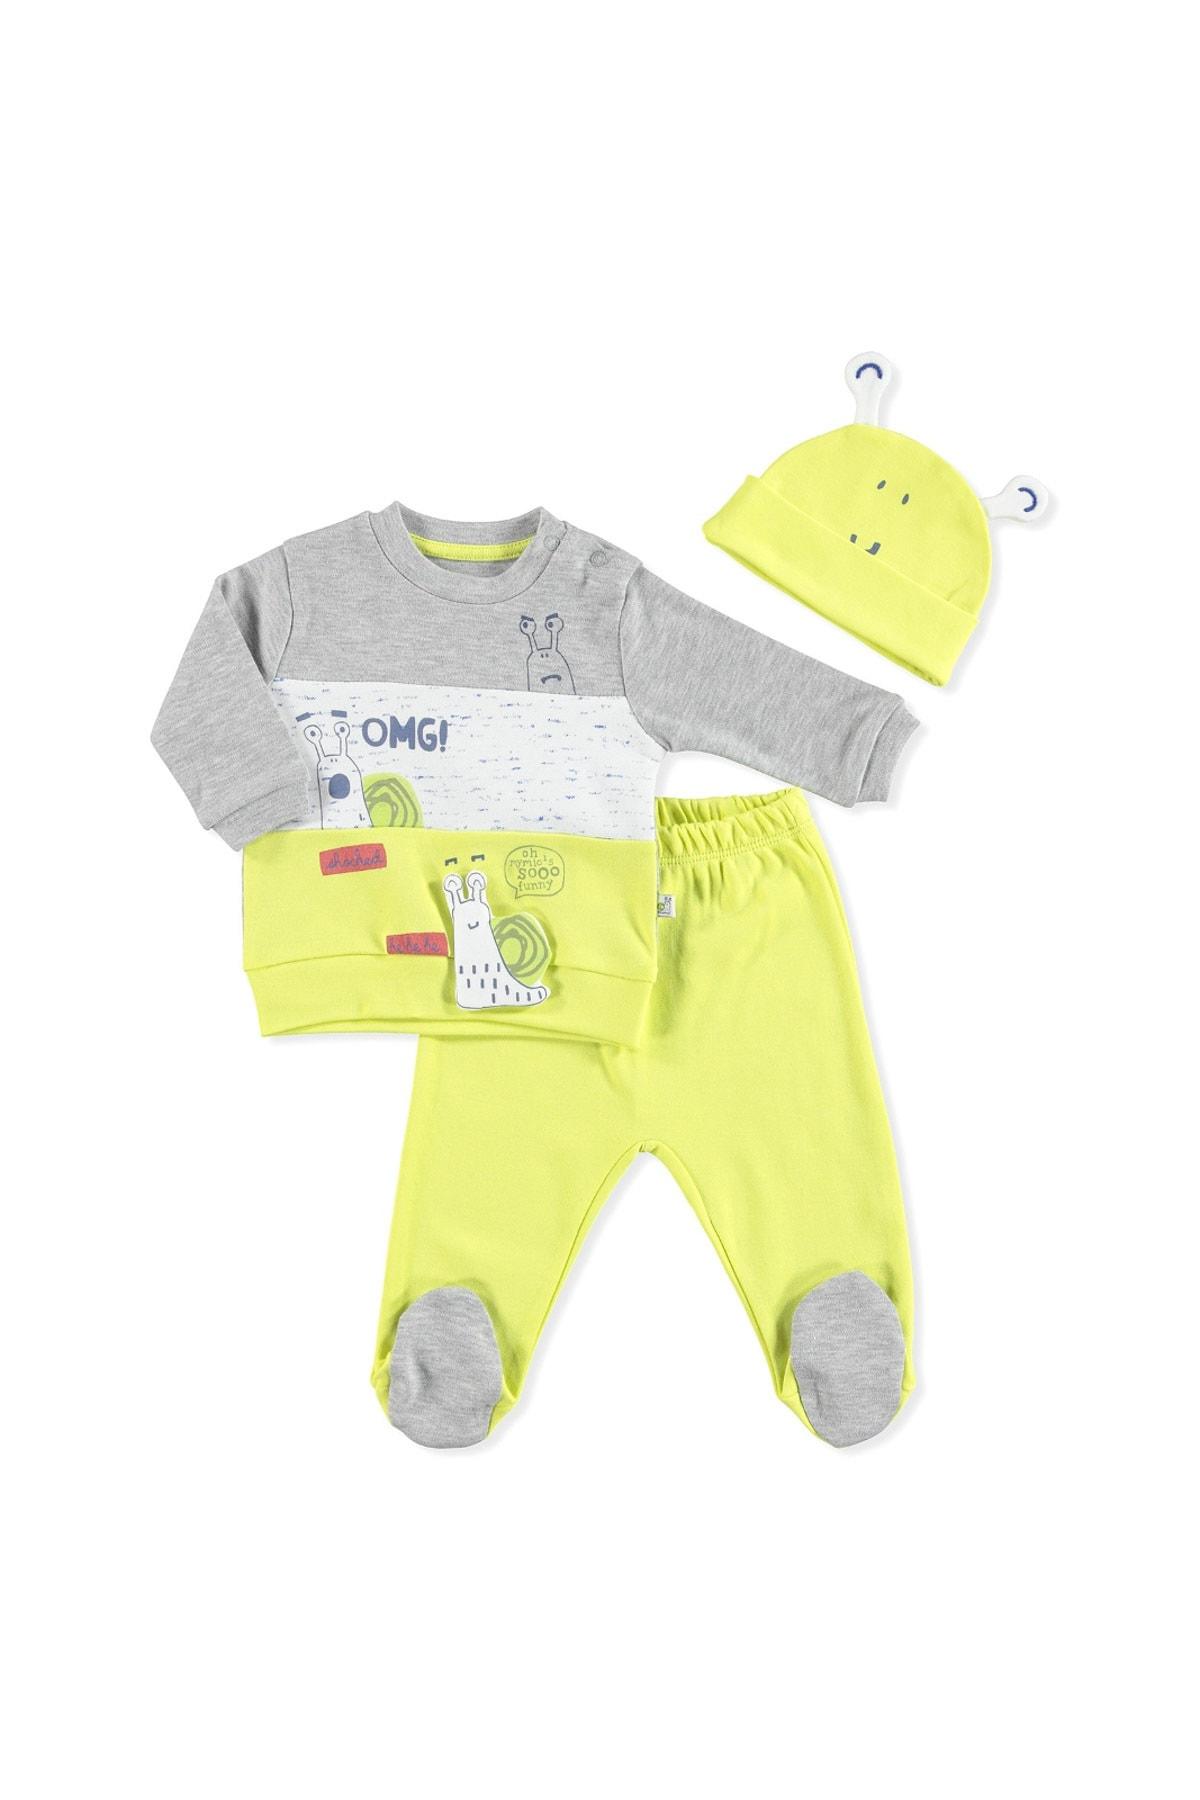 Mymio Erkek Bebek Sarı Şapkalı 3lü Takım 1